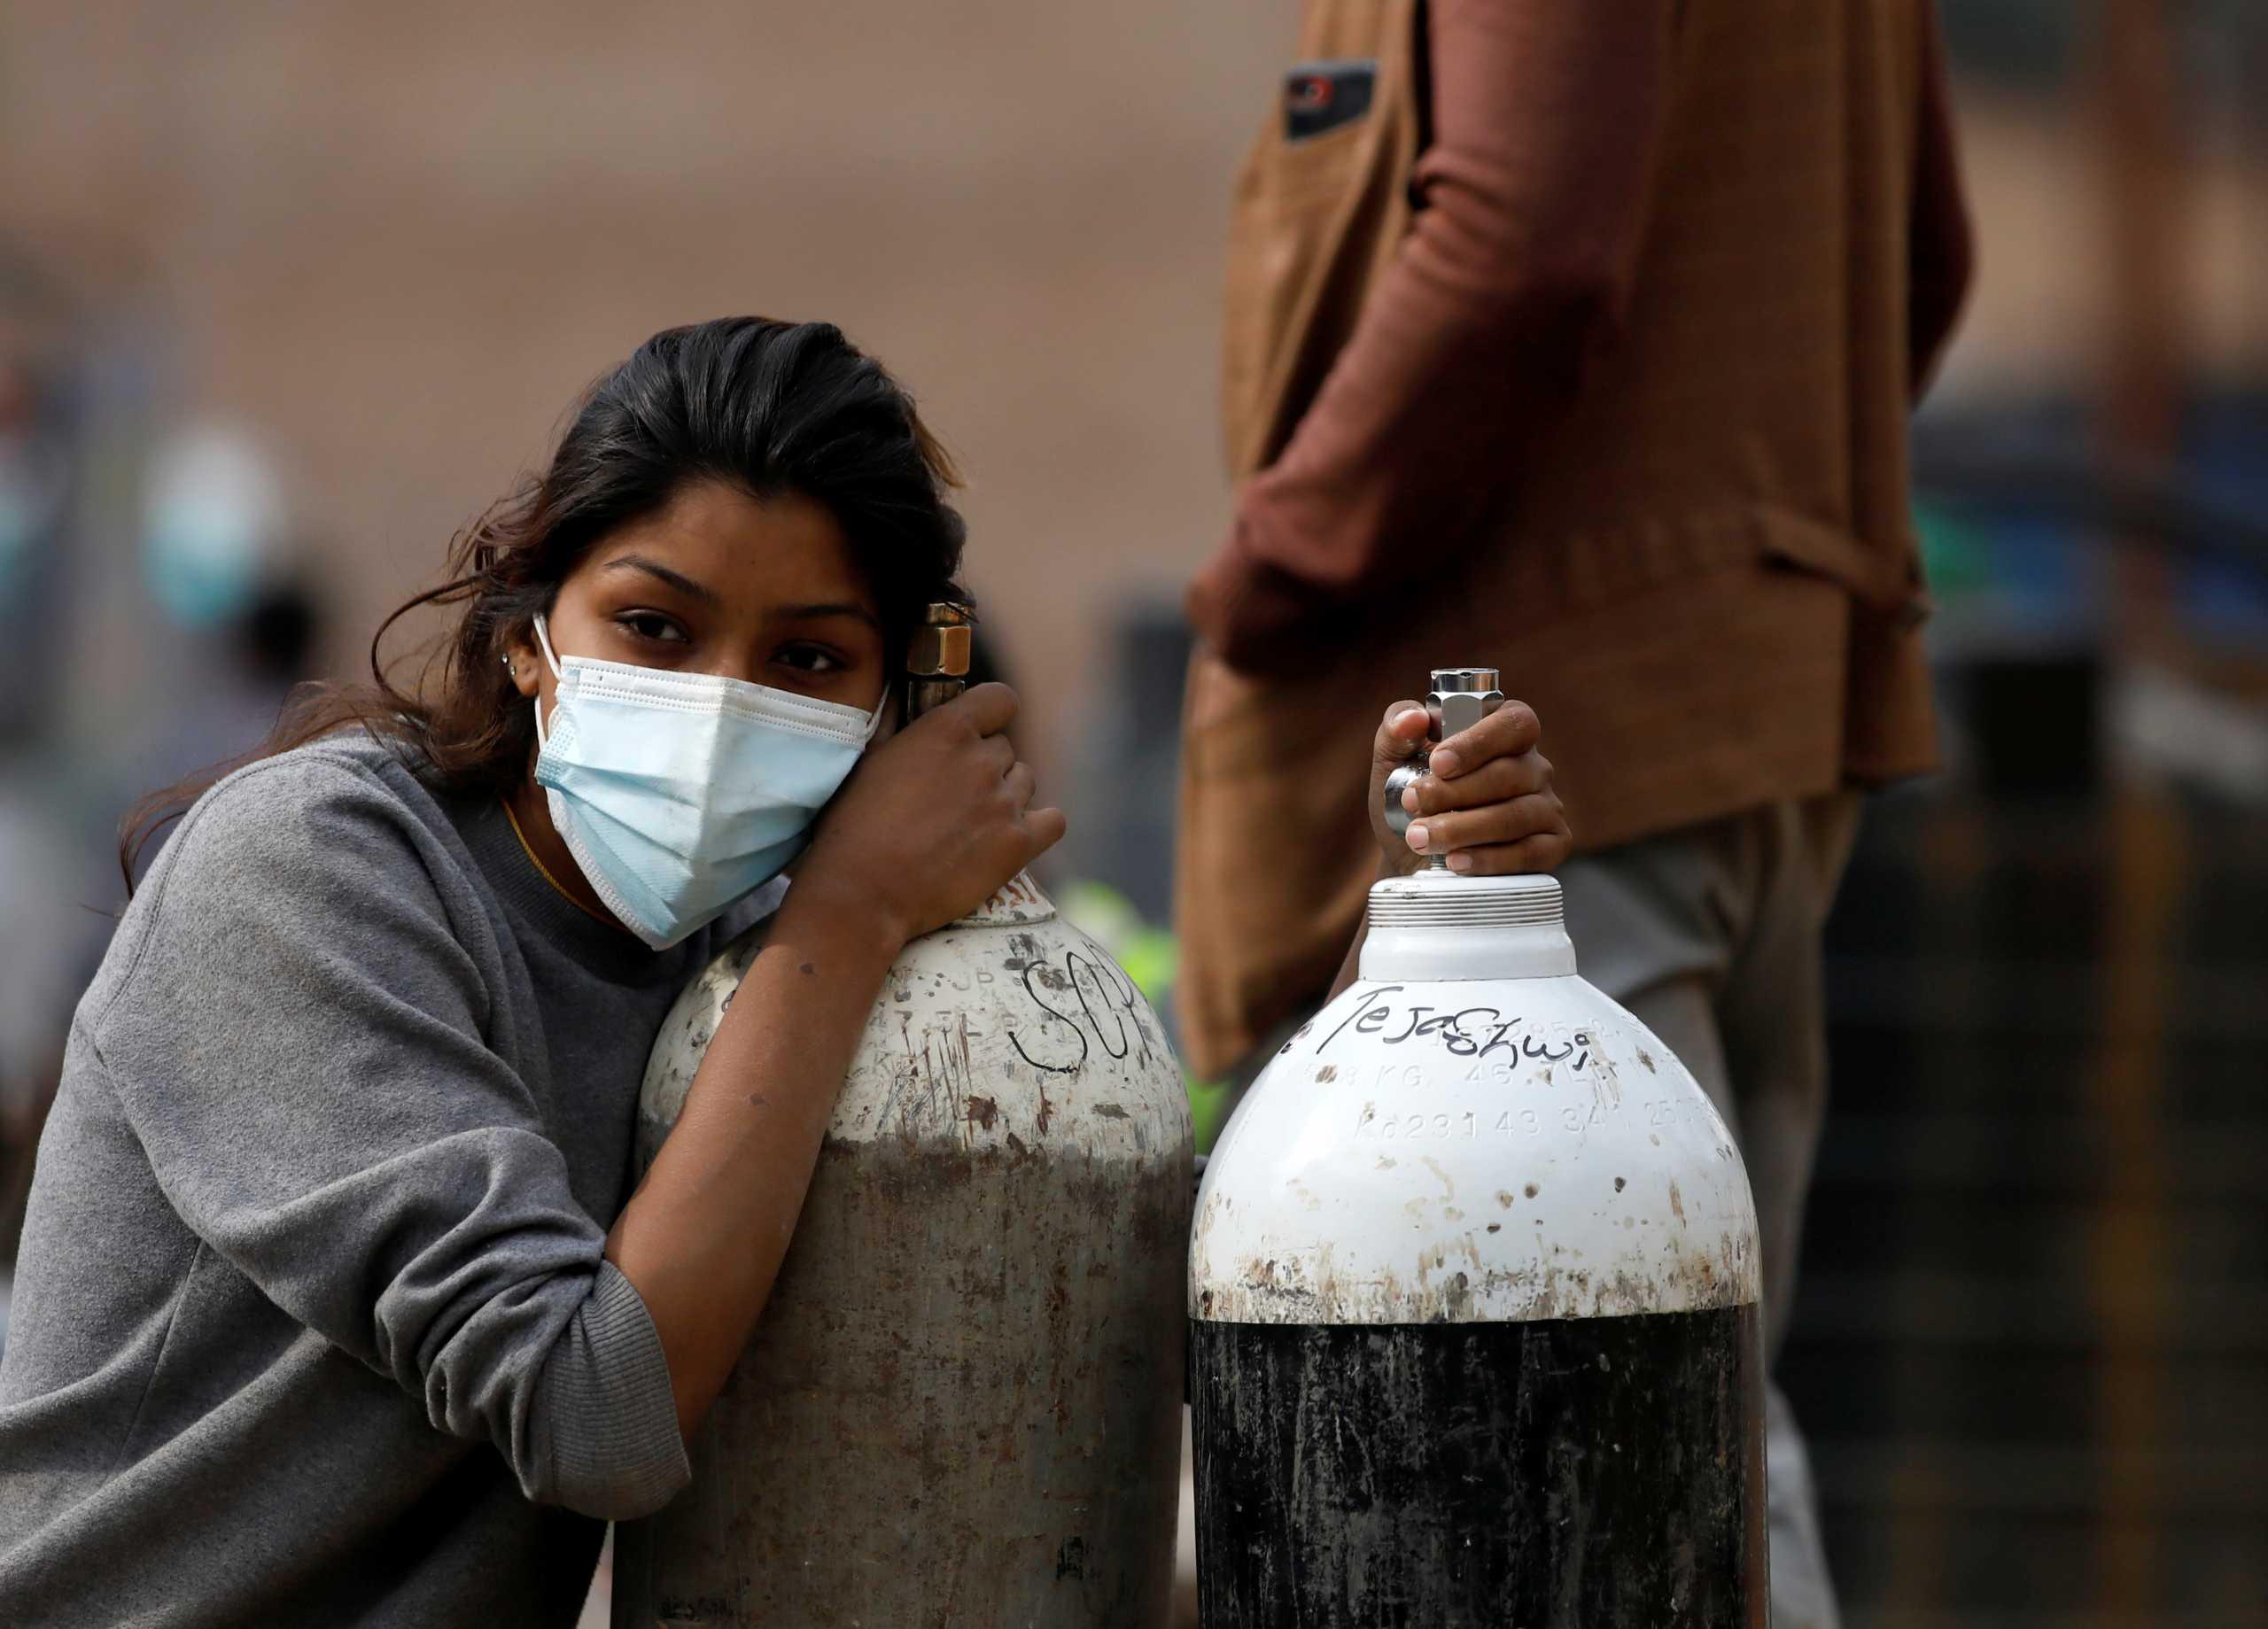 Κορονοϊός: Το Νεπάλ ζητά πίσω τις φιάλες οξυγόνου από τους ορειβάτες του Έβερεστ